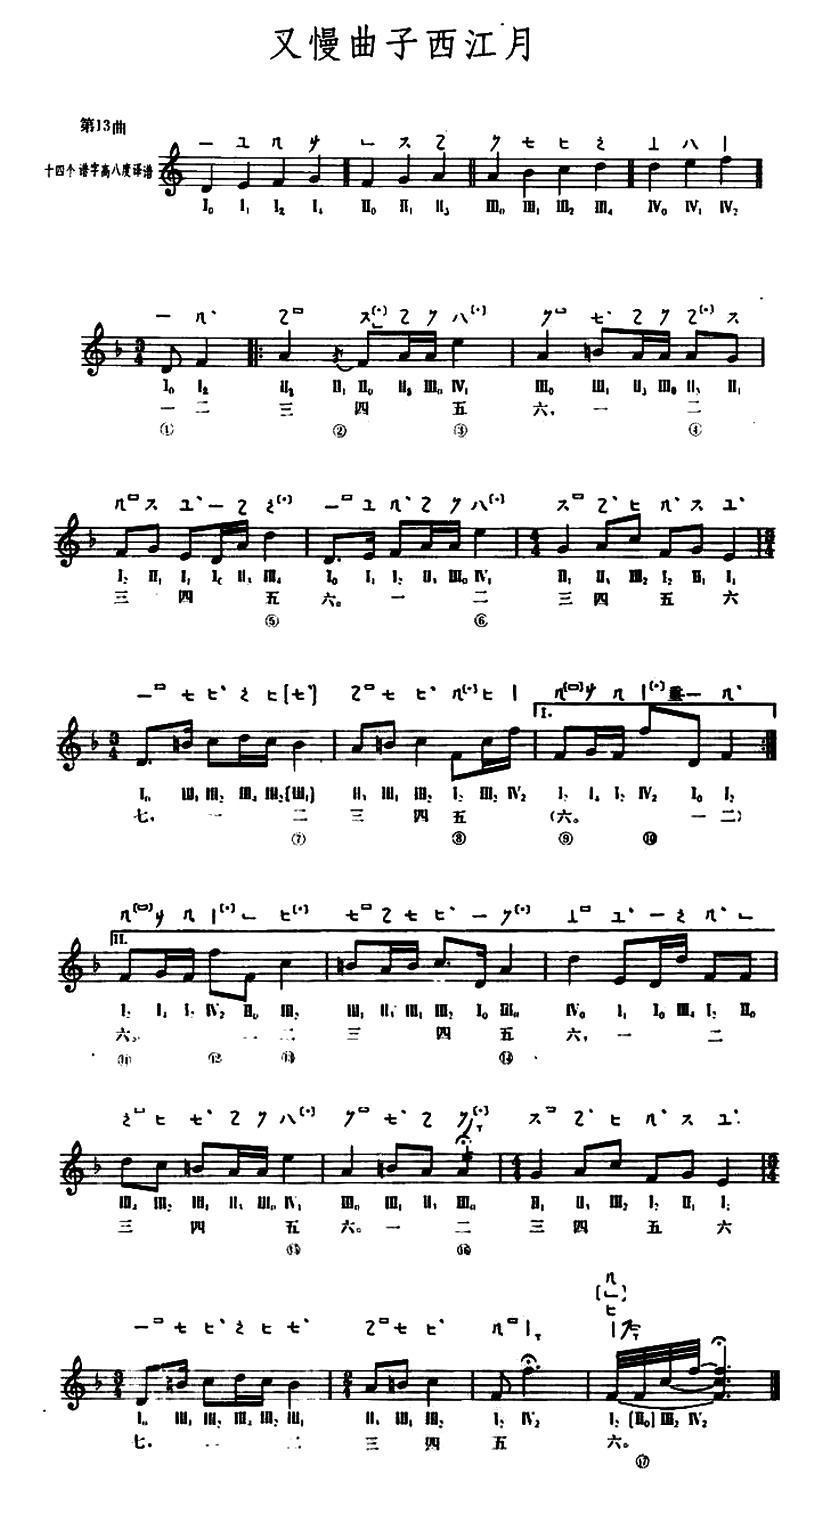 又慢曲子西江月 敦煌琵琶曲谱 第13曲 -又慢曲子西江月